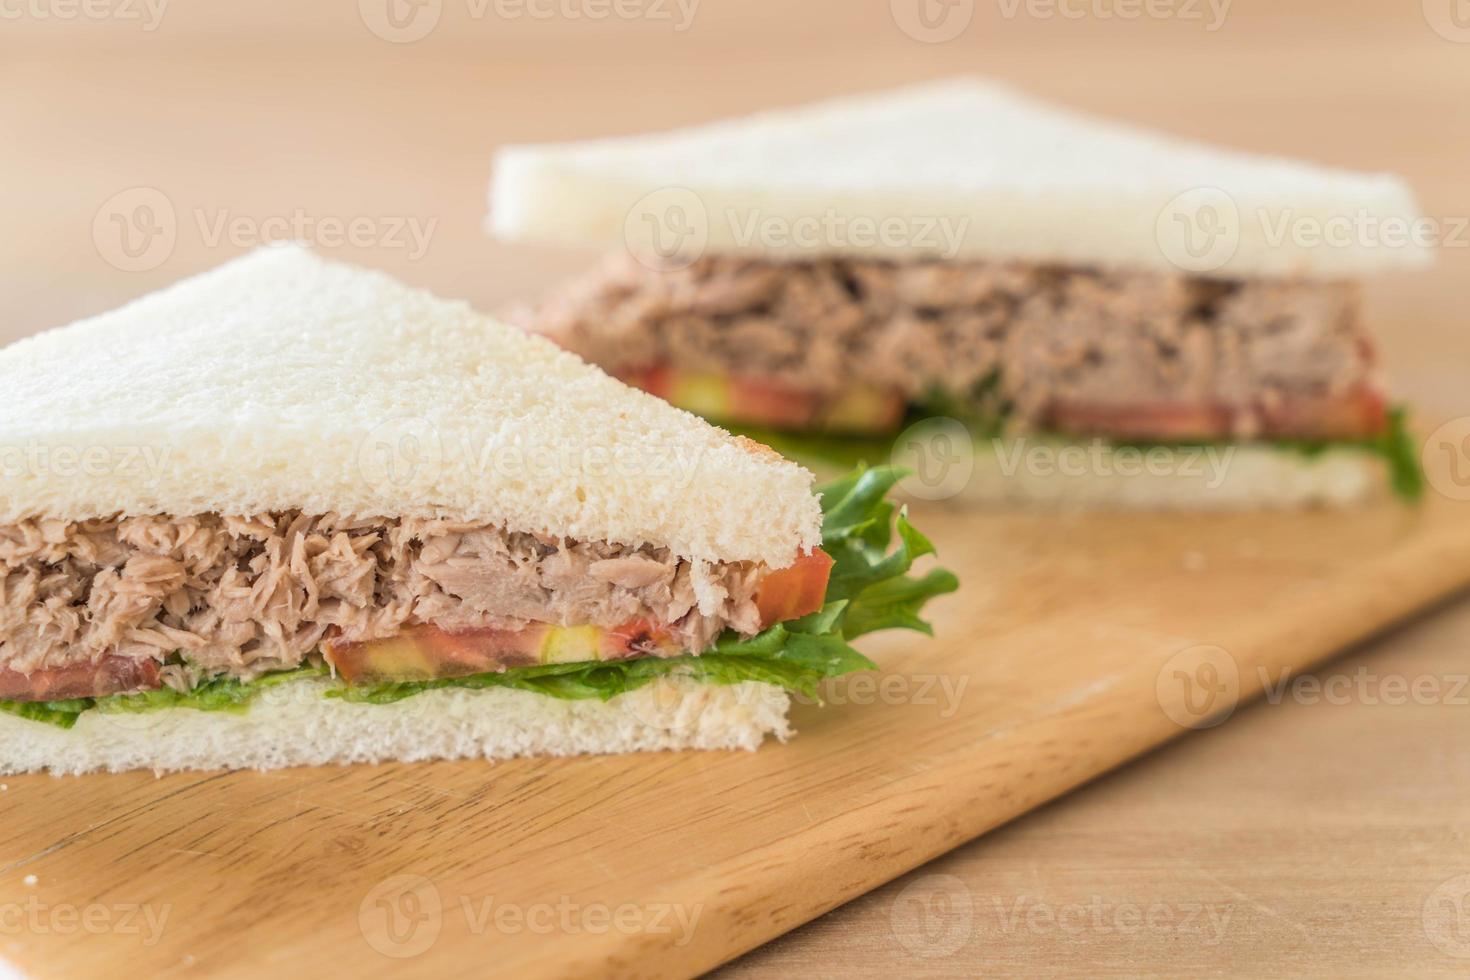 sándwich de atún en tablero de madera foto